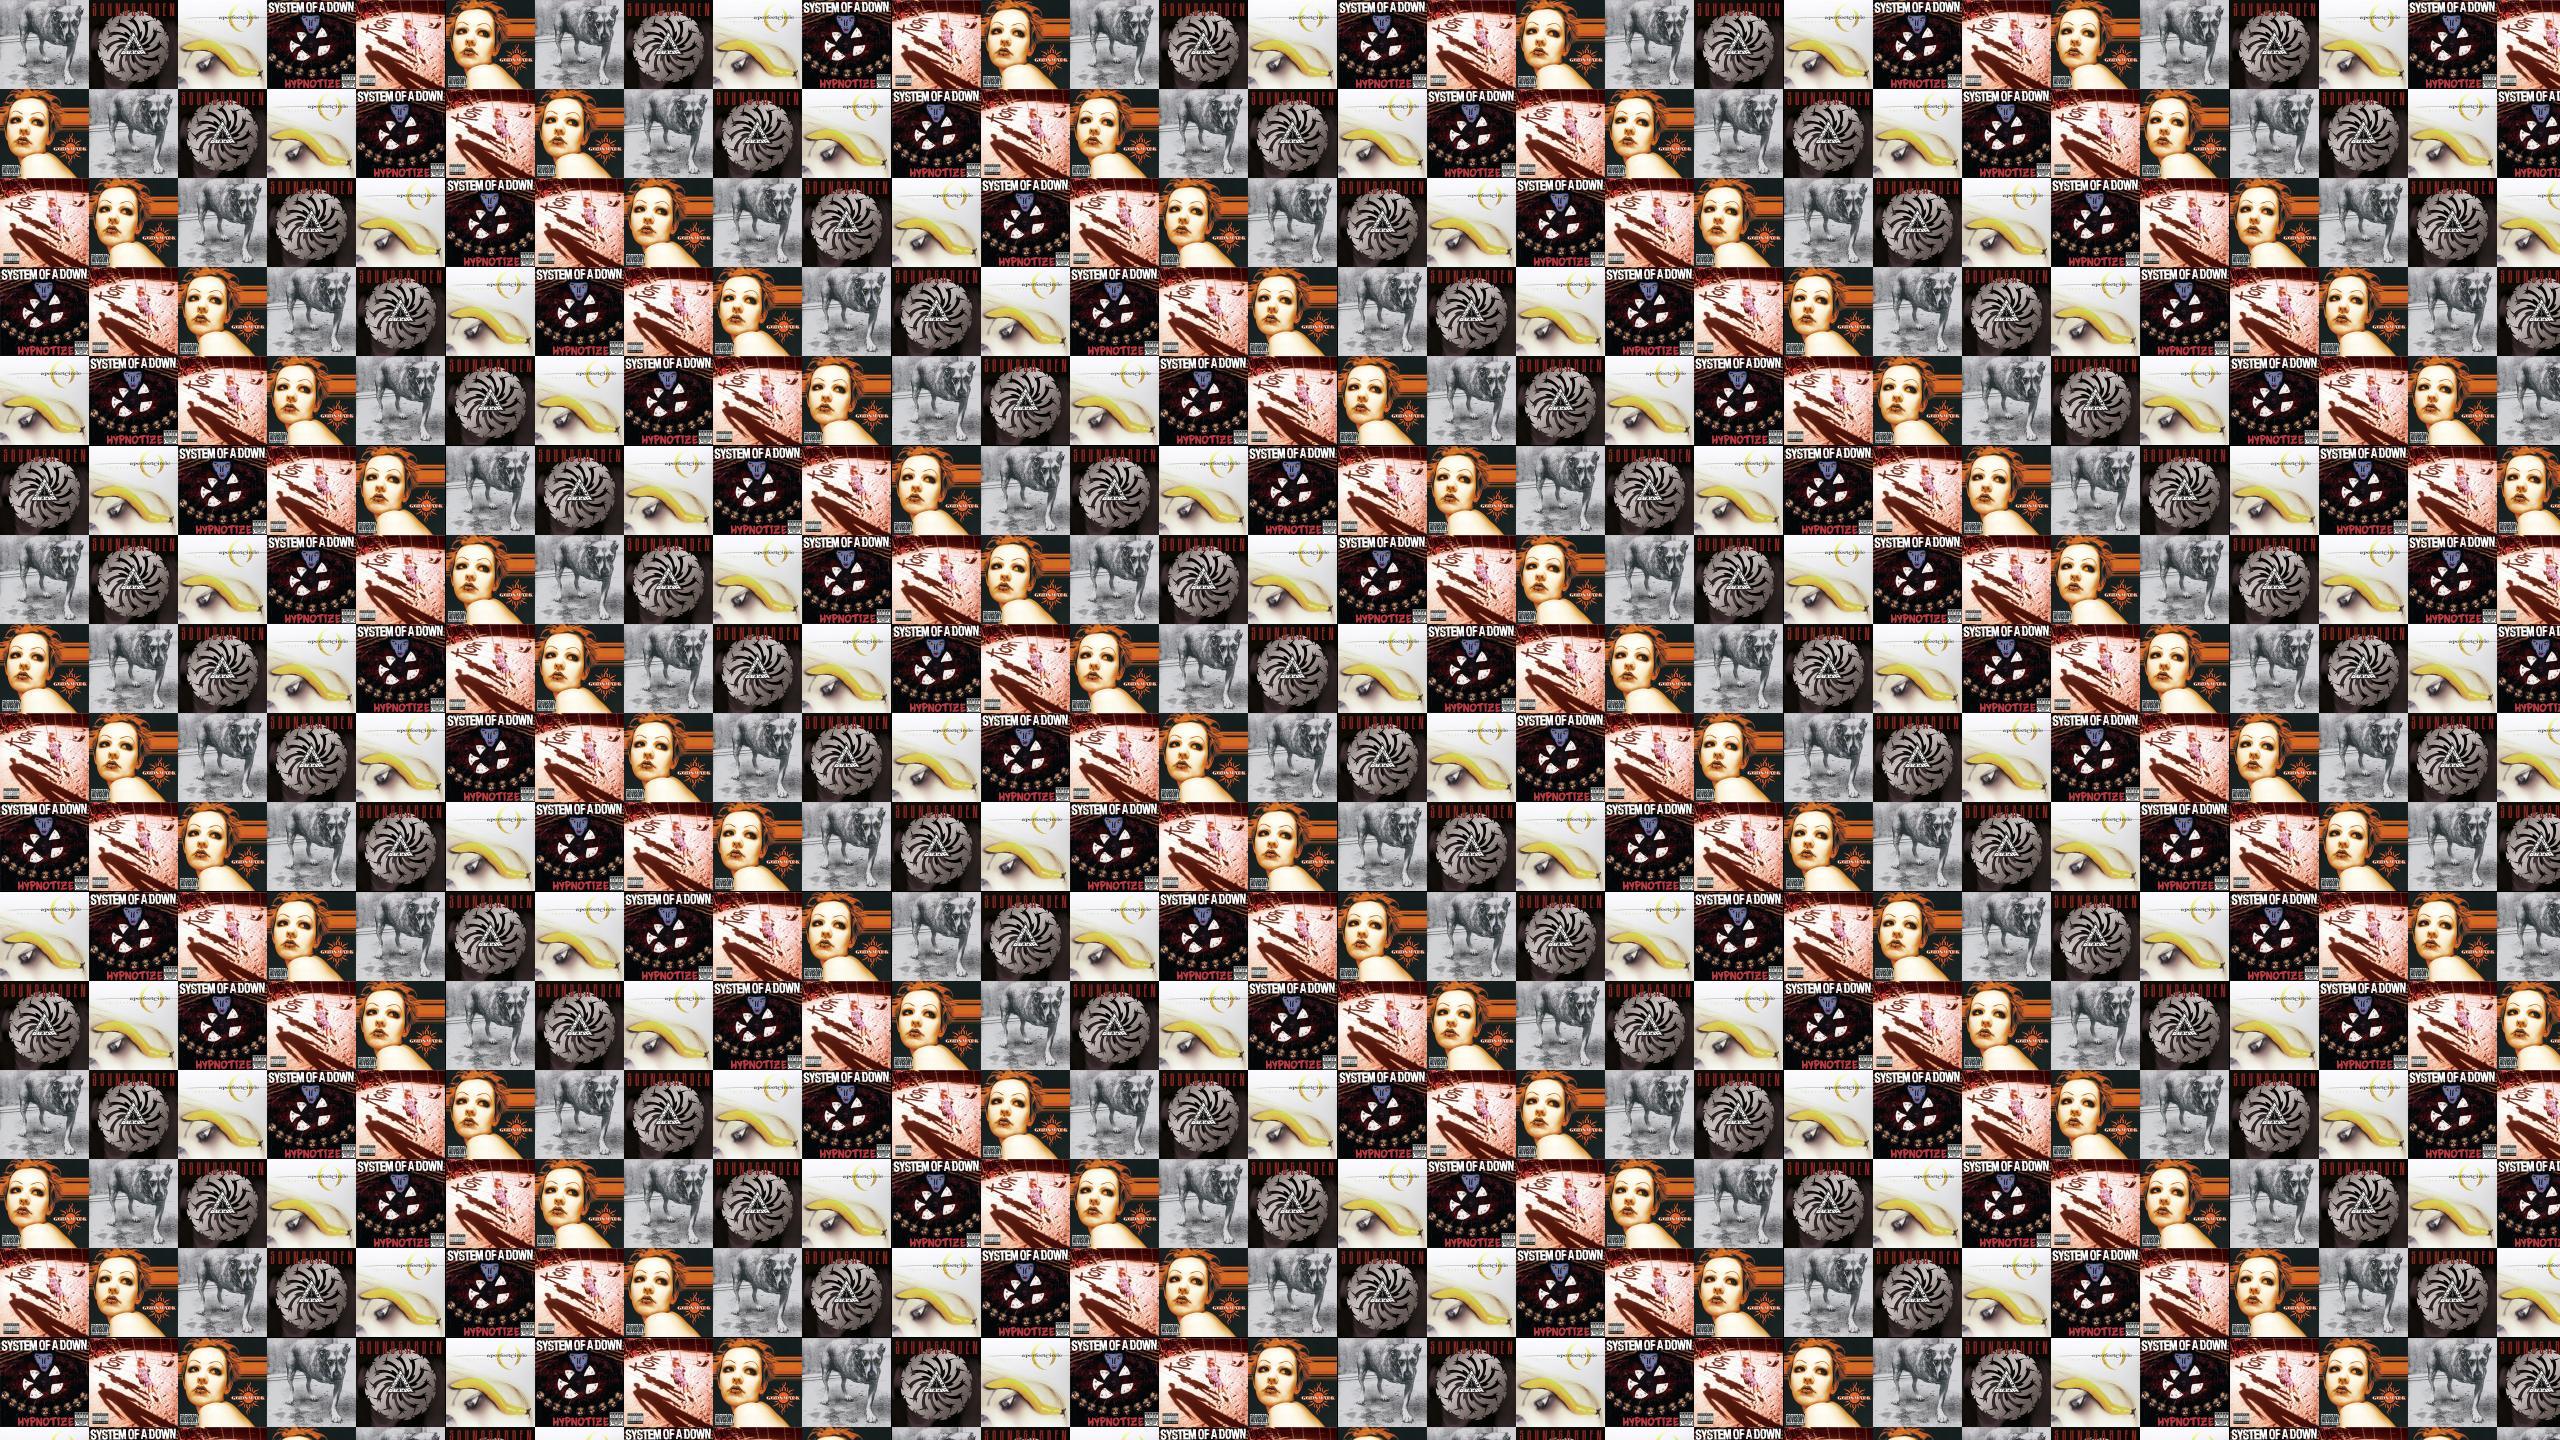 Korn Tiled Desktop Wallpaper